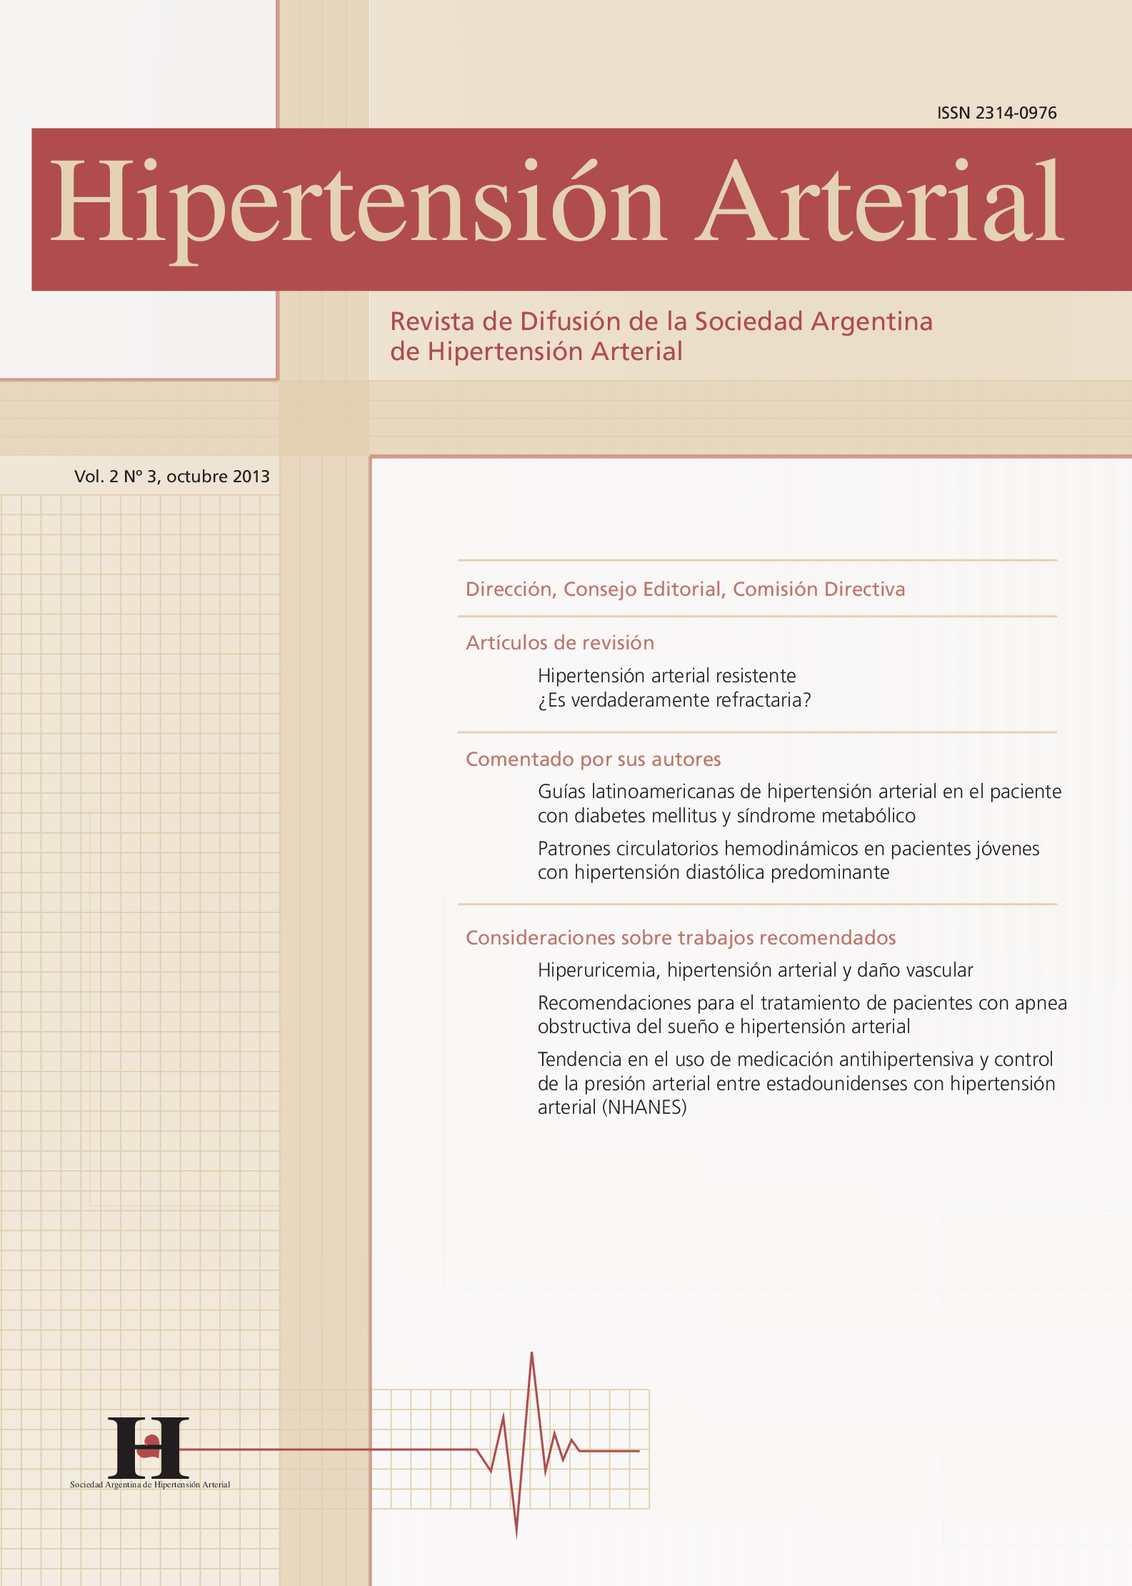 Nhanes tasa de prevalencia de hipertensión